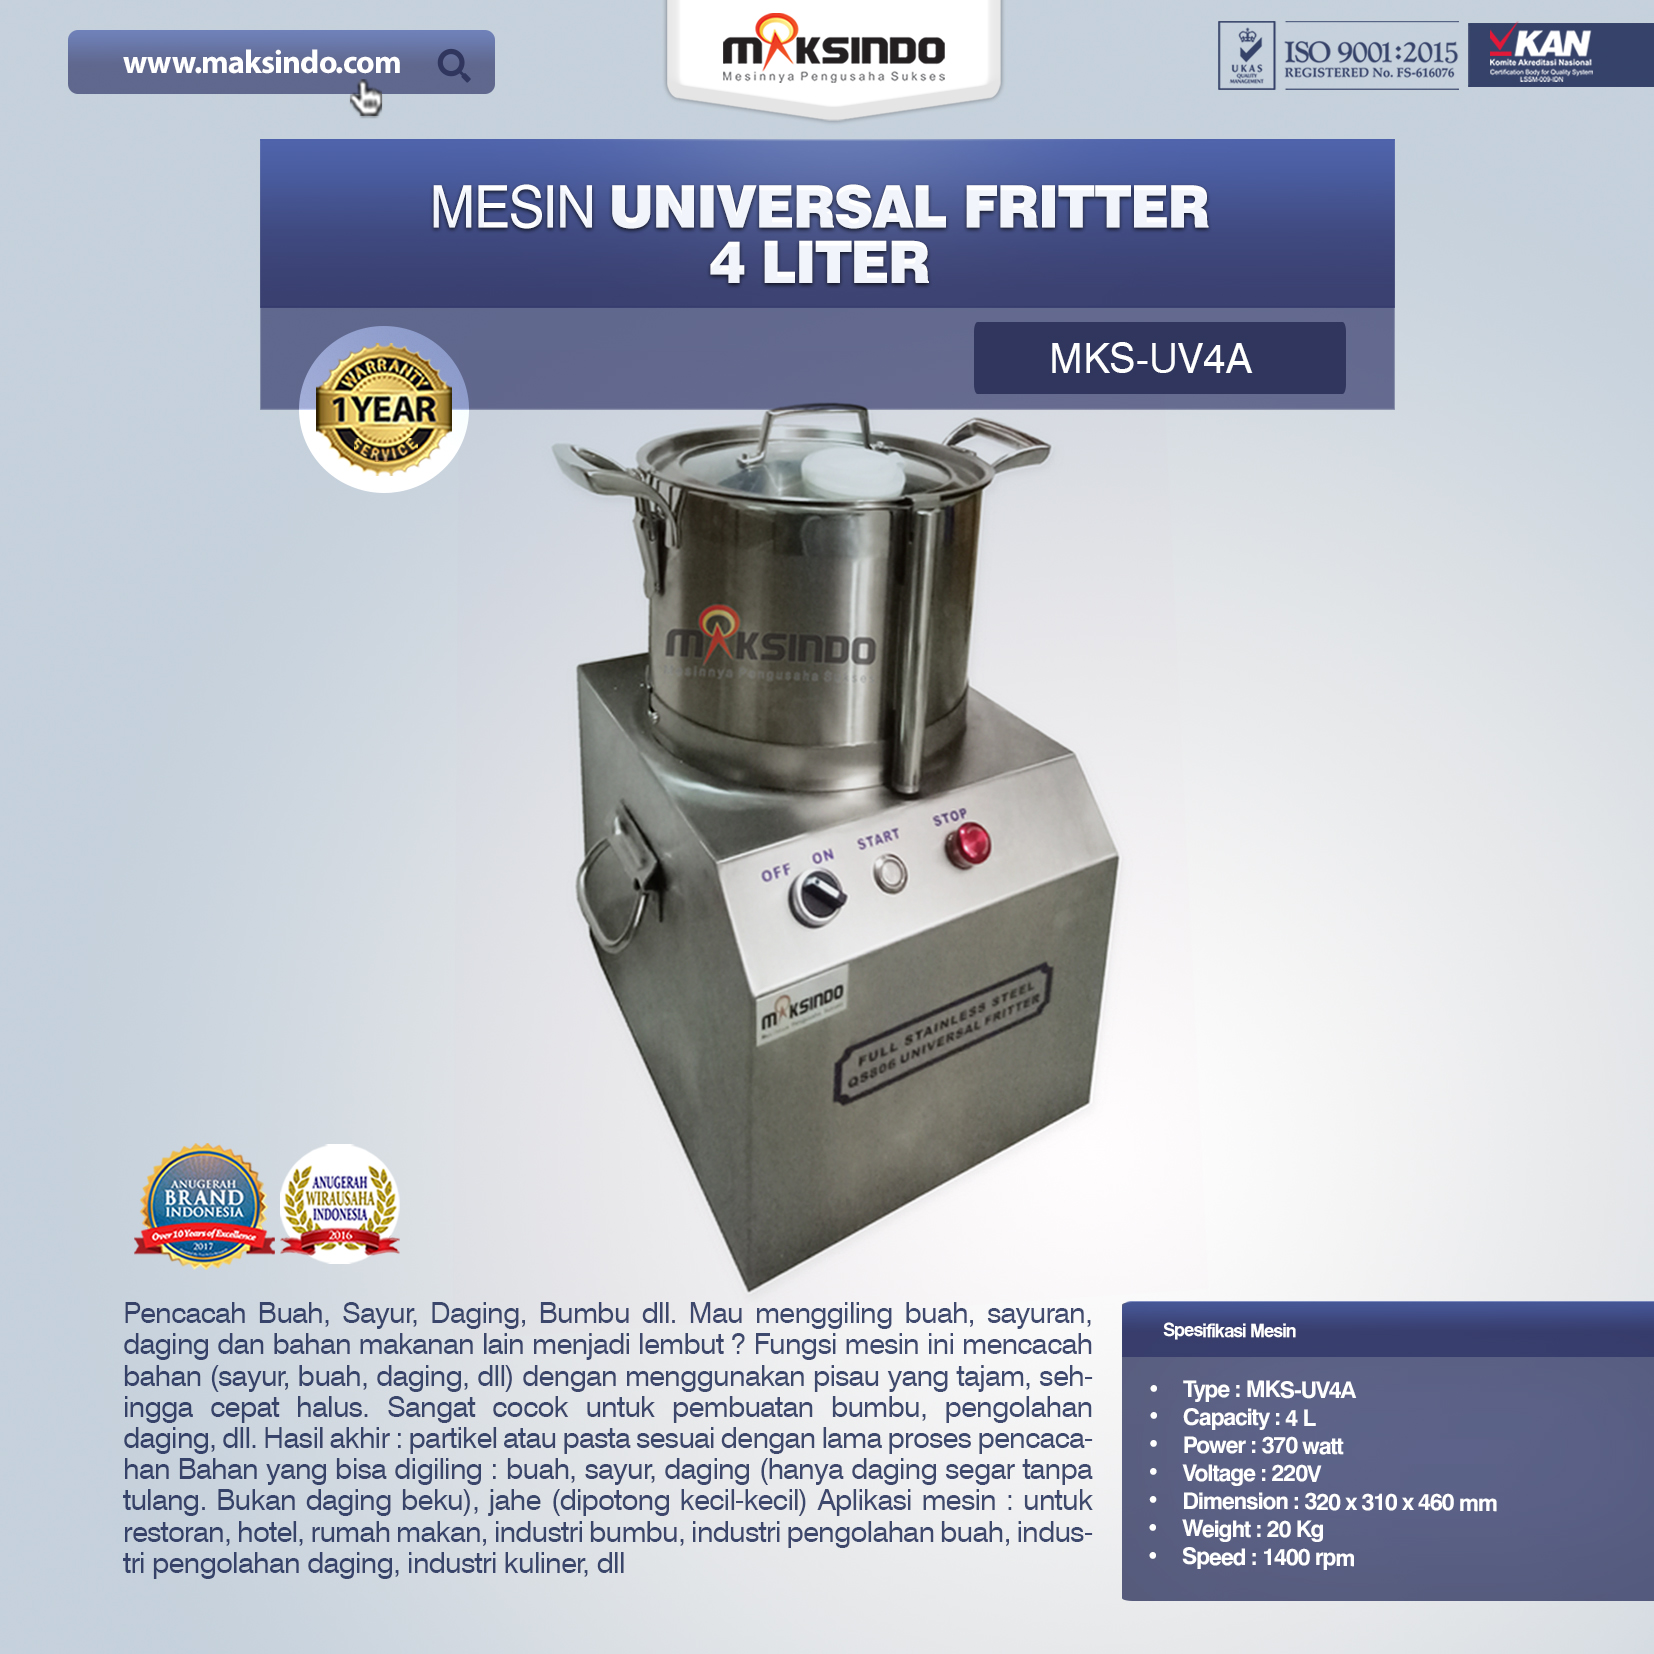 Jual Universal Fritter 4 Liter (MKS-UV4A) di Bogor